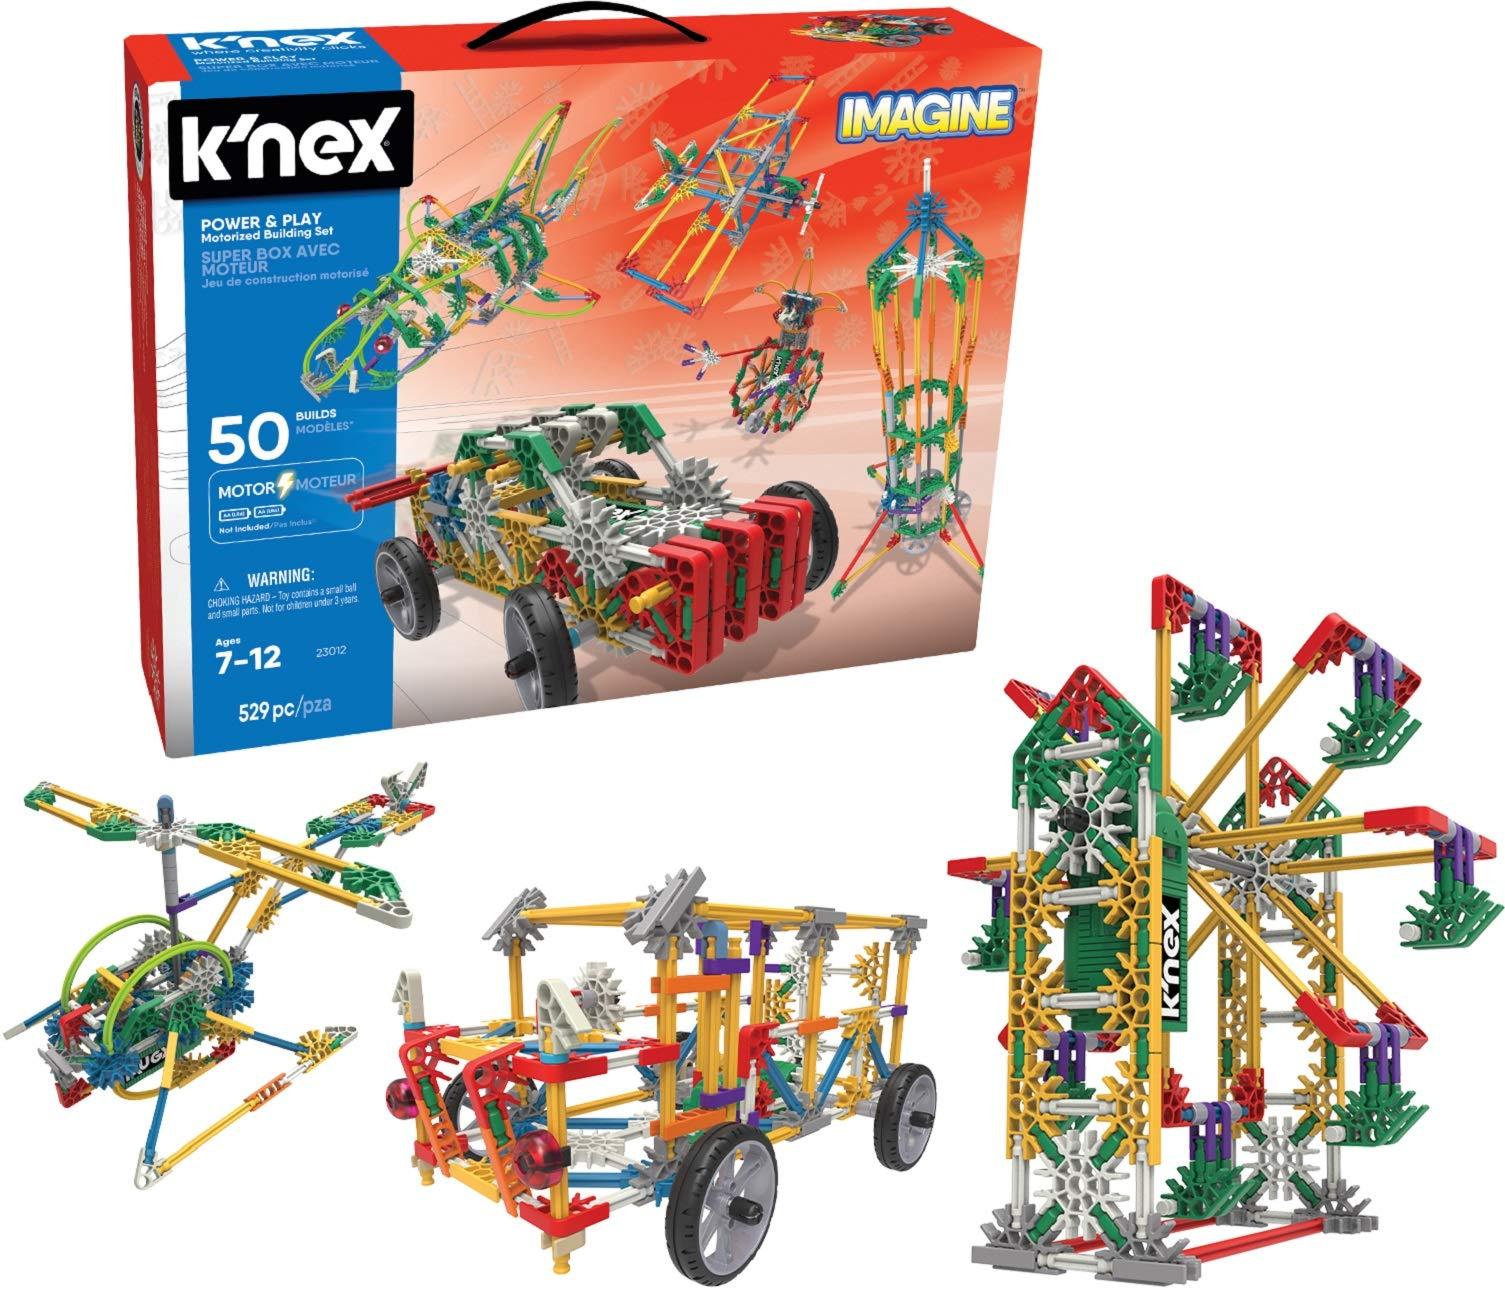 KNEX Imagine Motorized Construction Educational